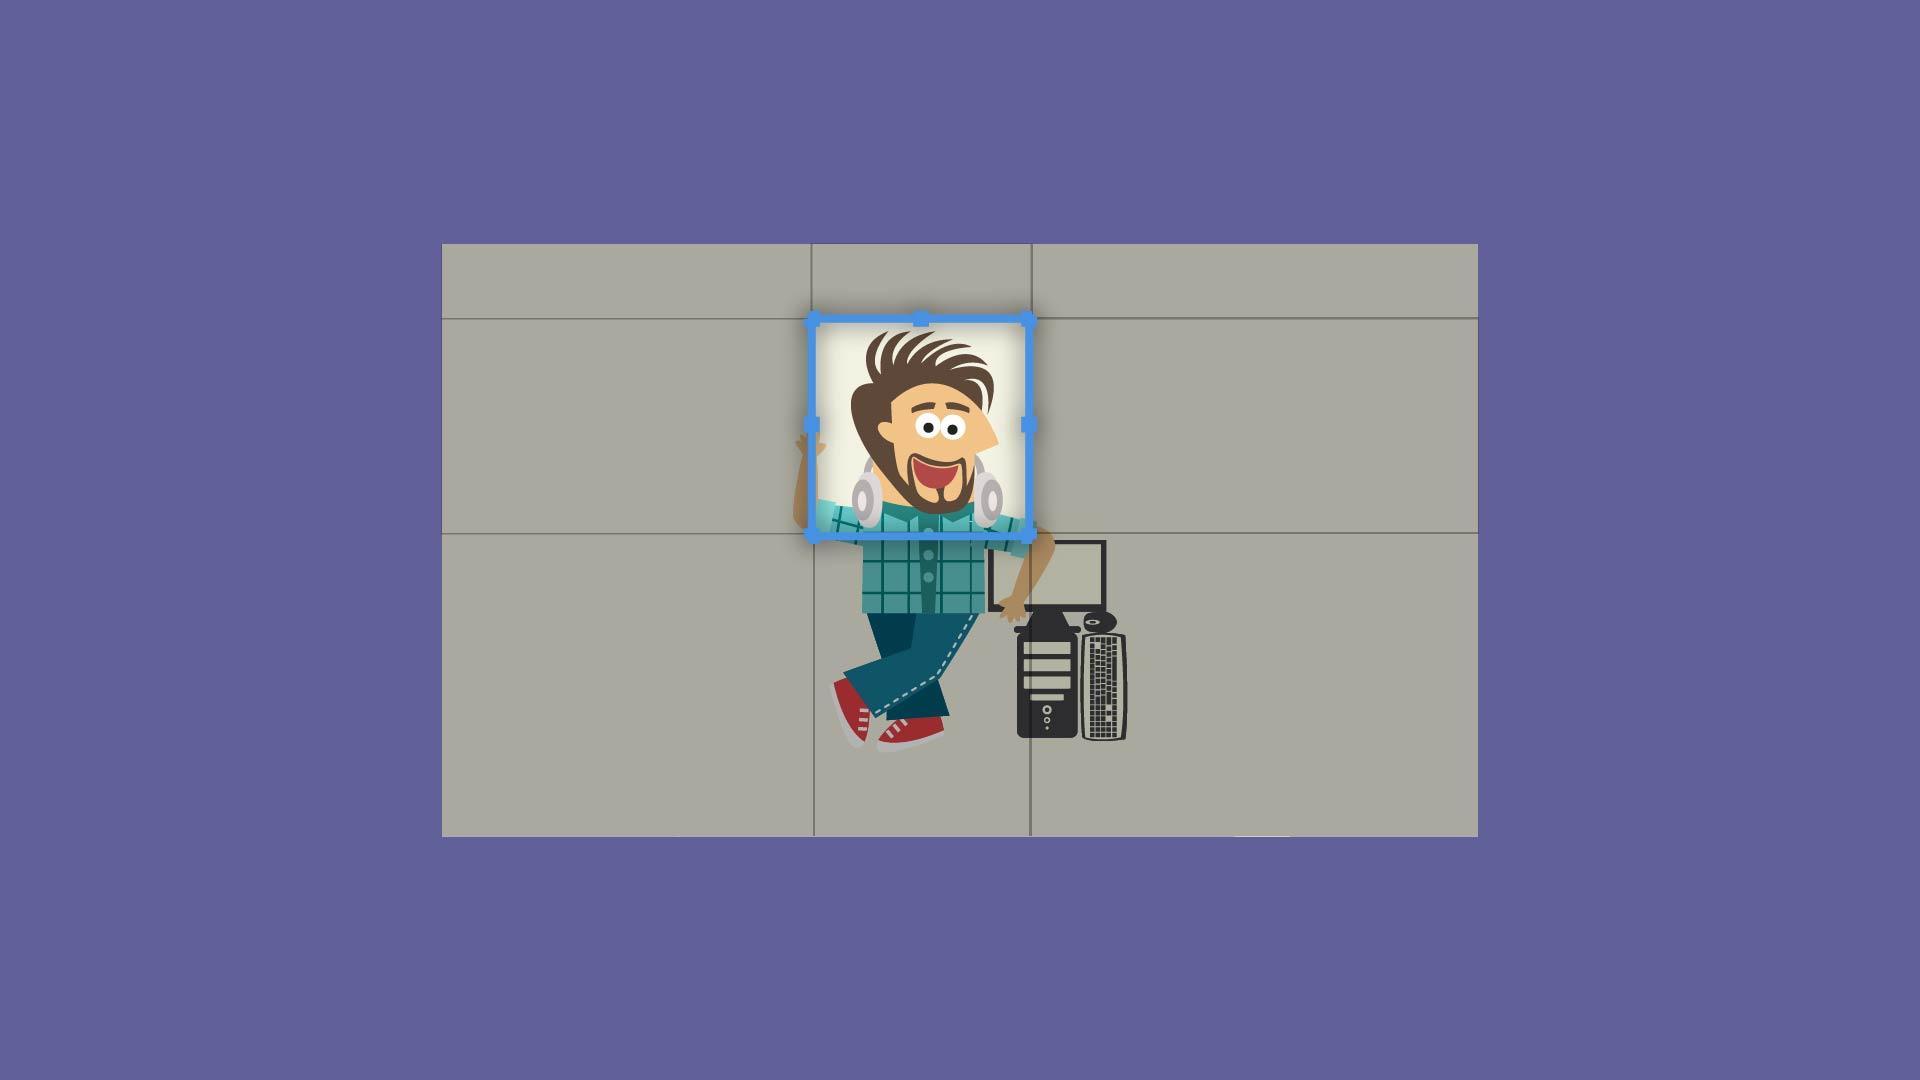 Aprenda a trabalhar com CropperJS e faça o redimencionamento e corte da sua imagem de maneira descomplicada